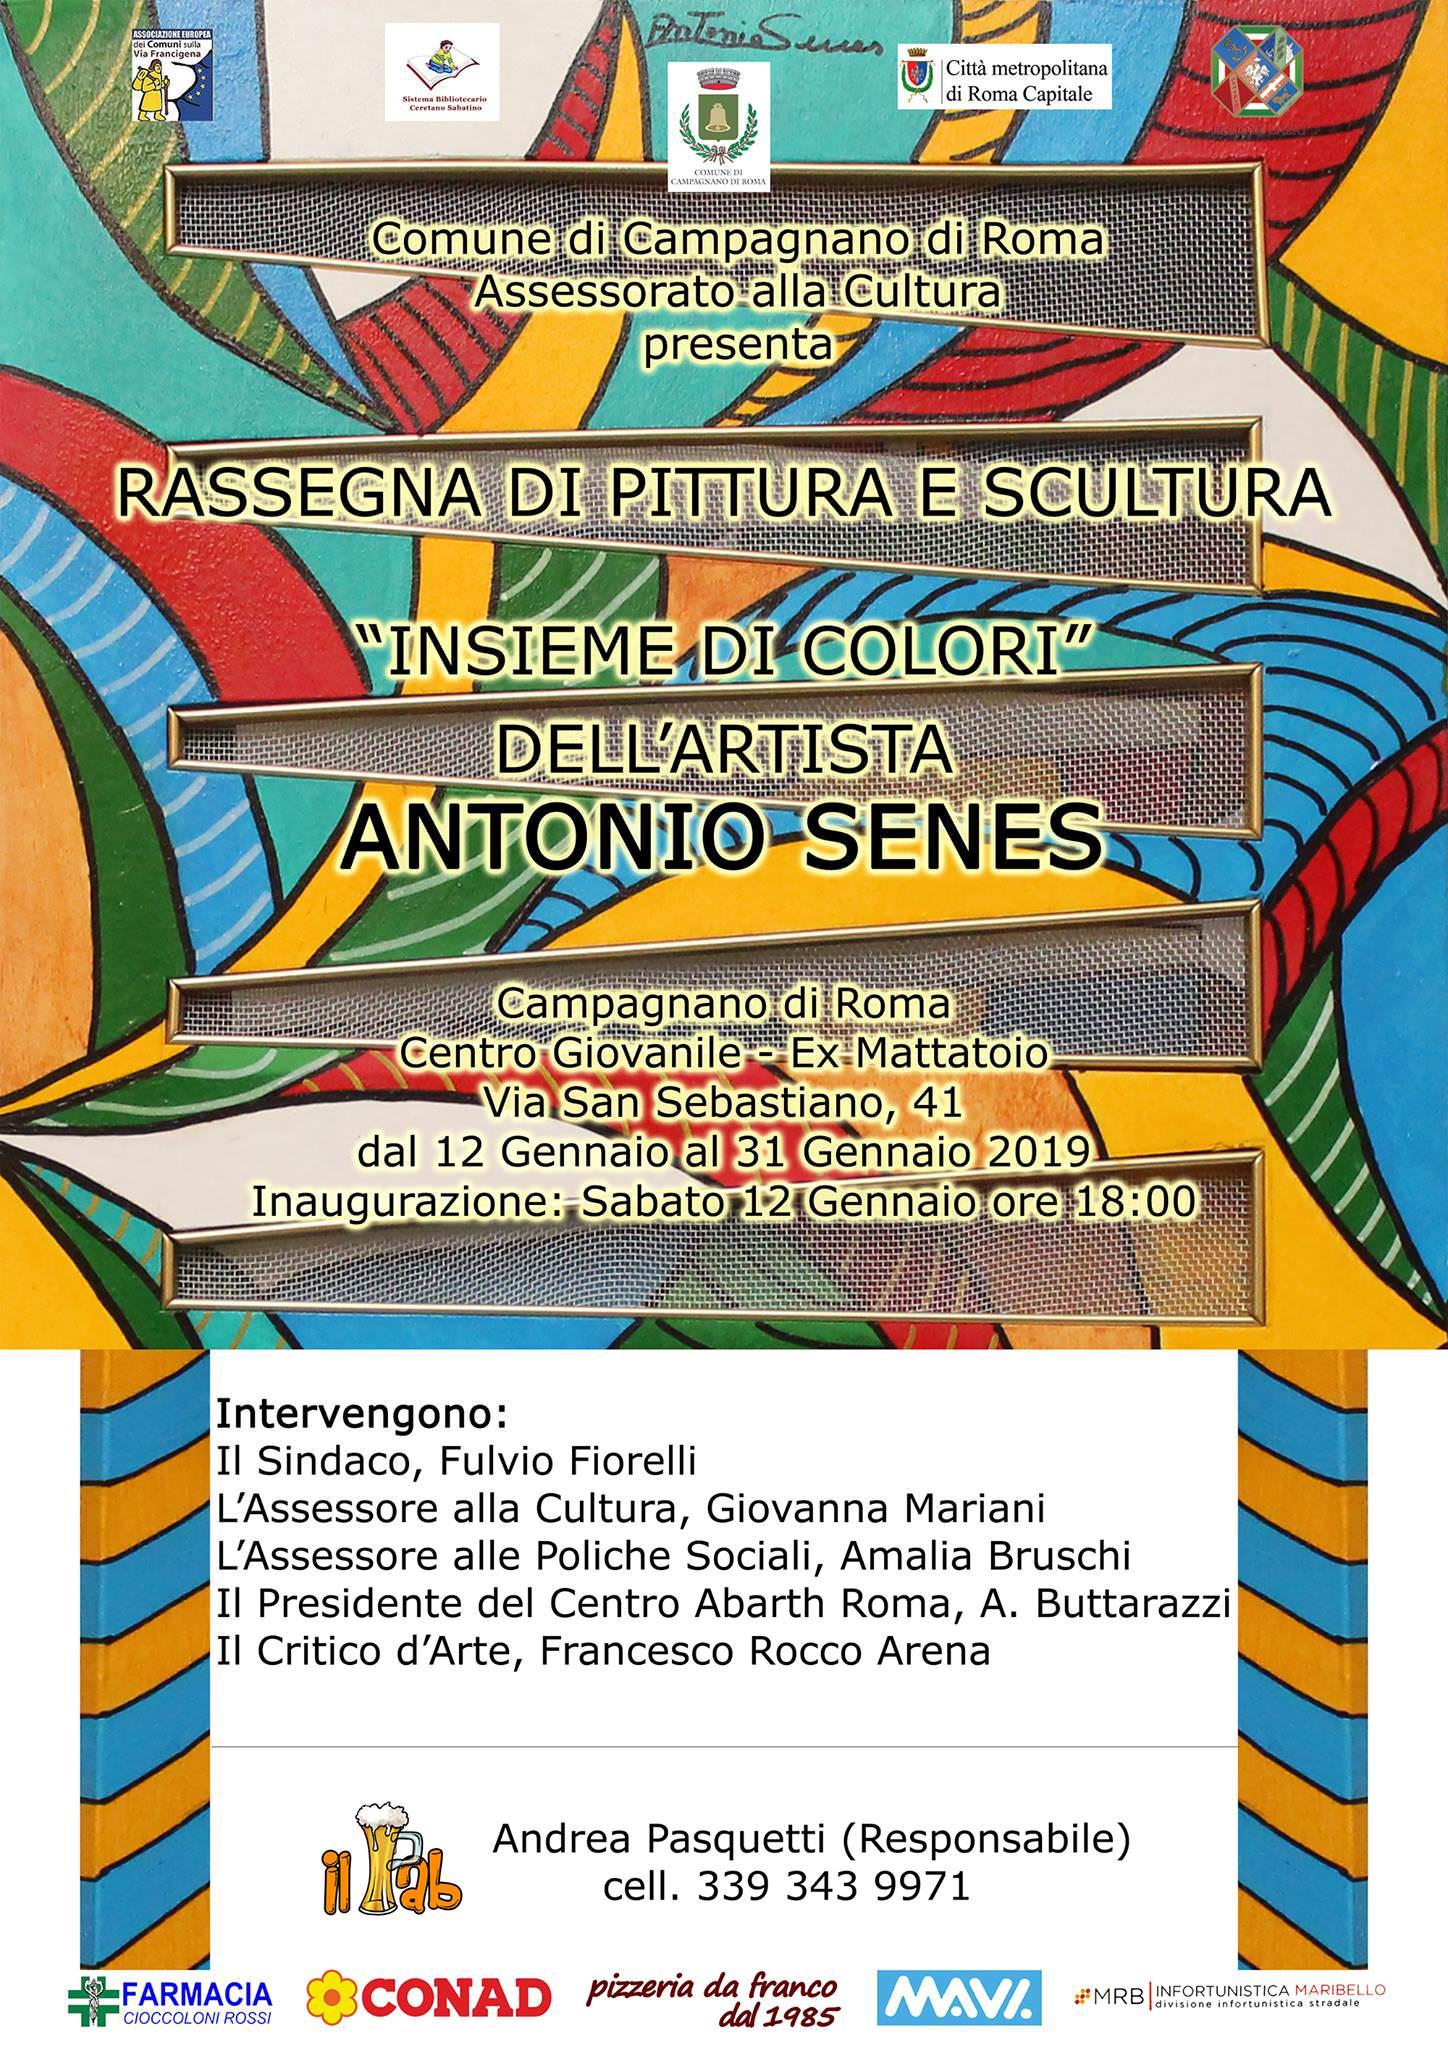 Locandina della mostra di pittura e scultura di Antonio Senes a Campagnano di Roma